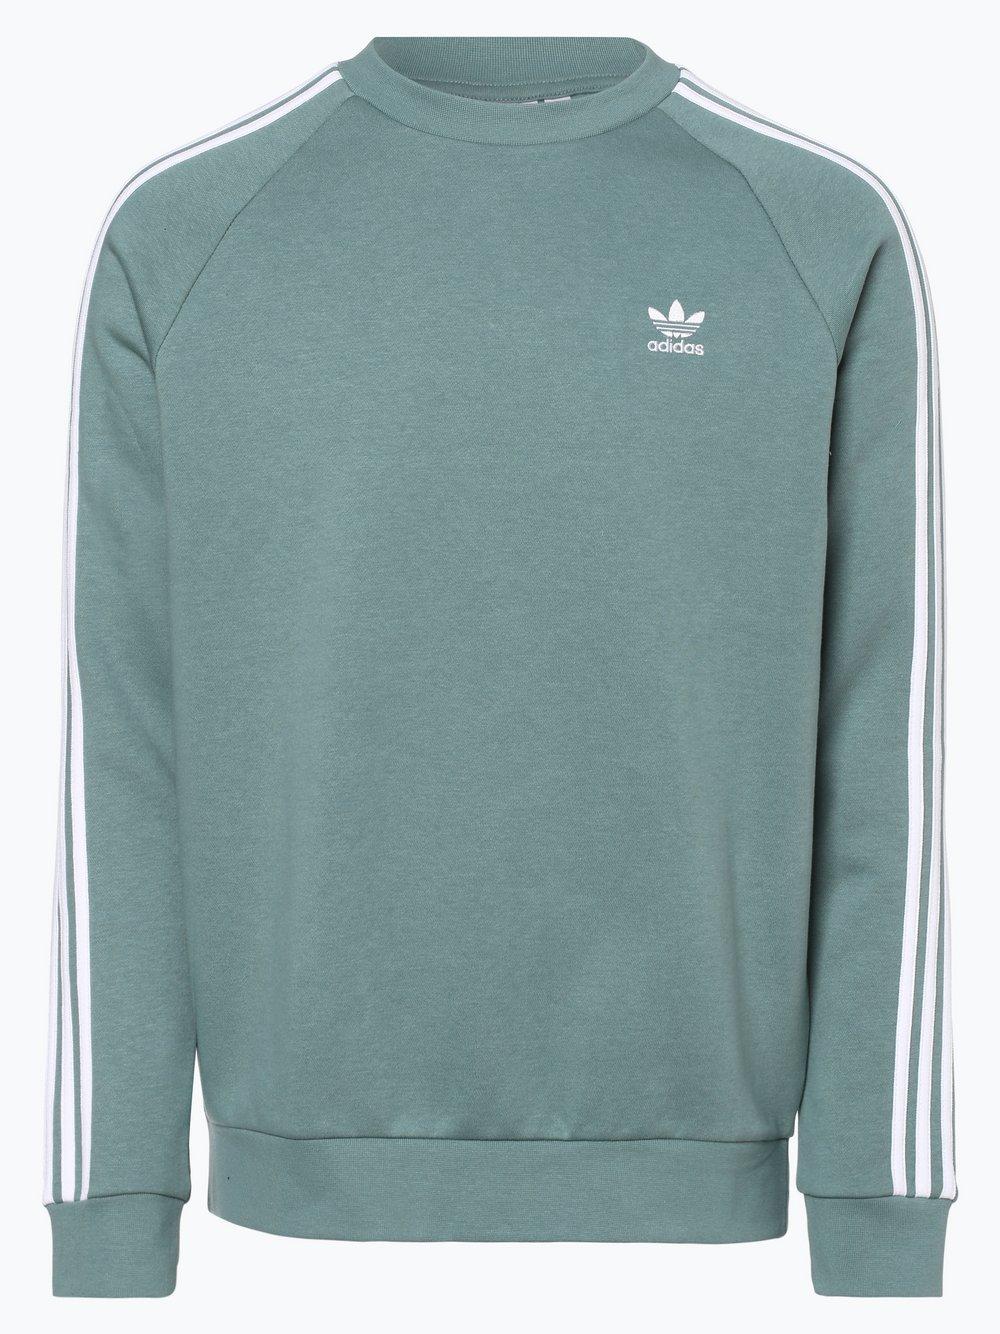 Obraz przedstawiający adidas Originals - Męska bluza nierozpinana, zielony